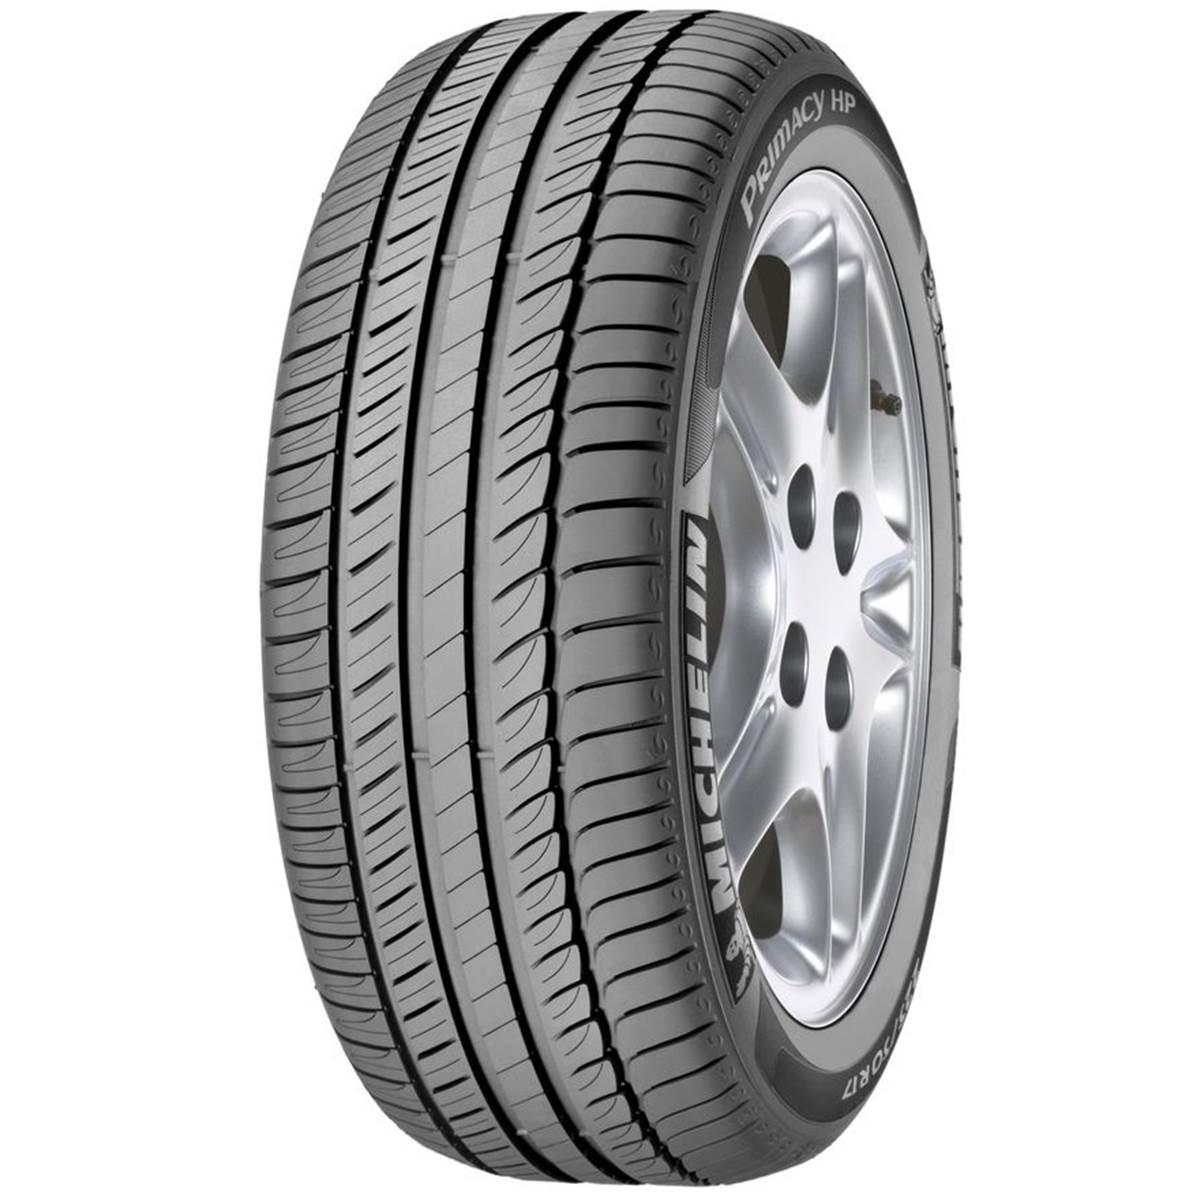 Pneu Michelin 225/50R17 94V Primacy Hp